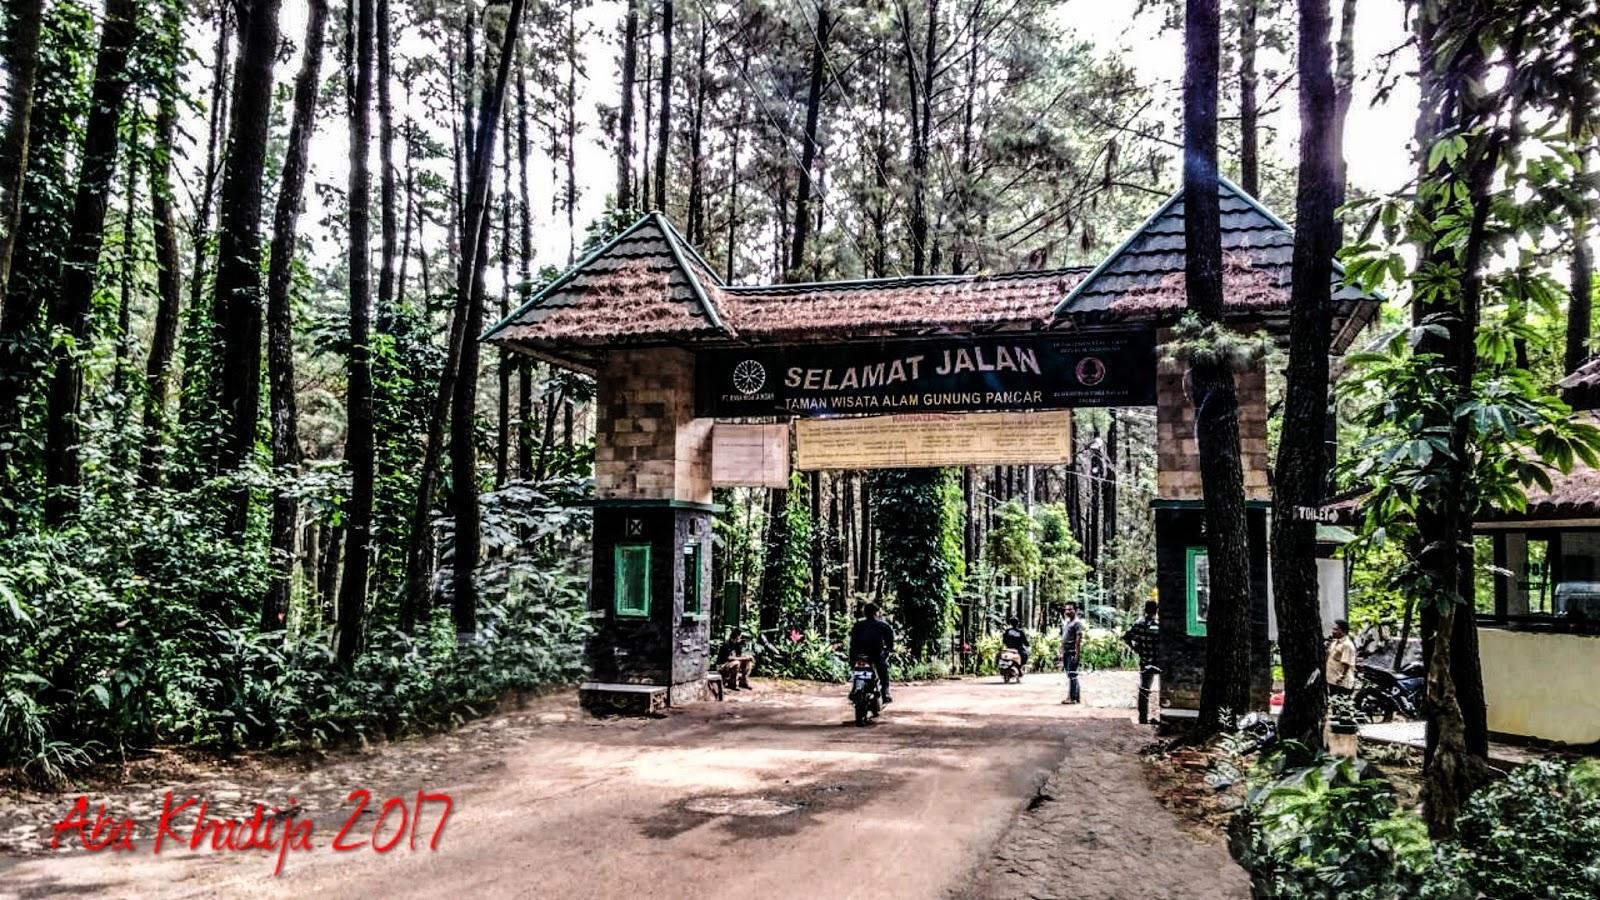 Pilih Gunung Pancar Giritirta Perjalanan Aba Khadija Pintu Masuk Gn